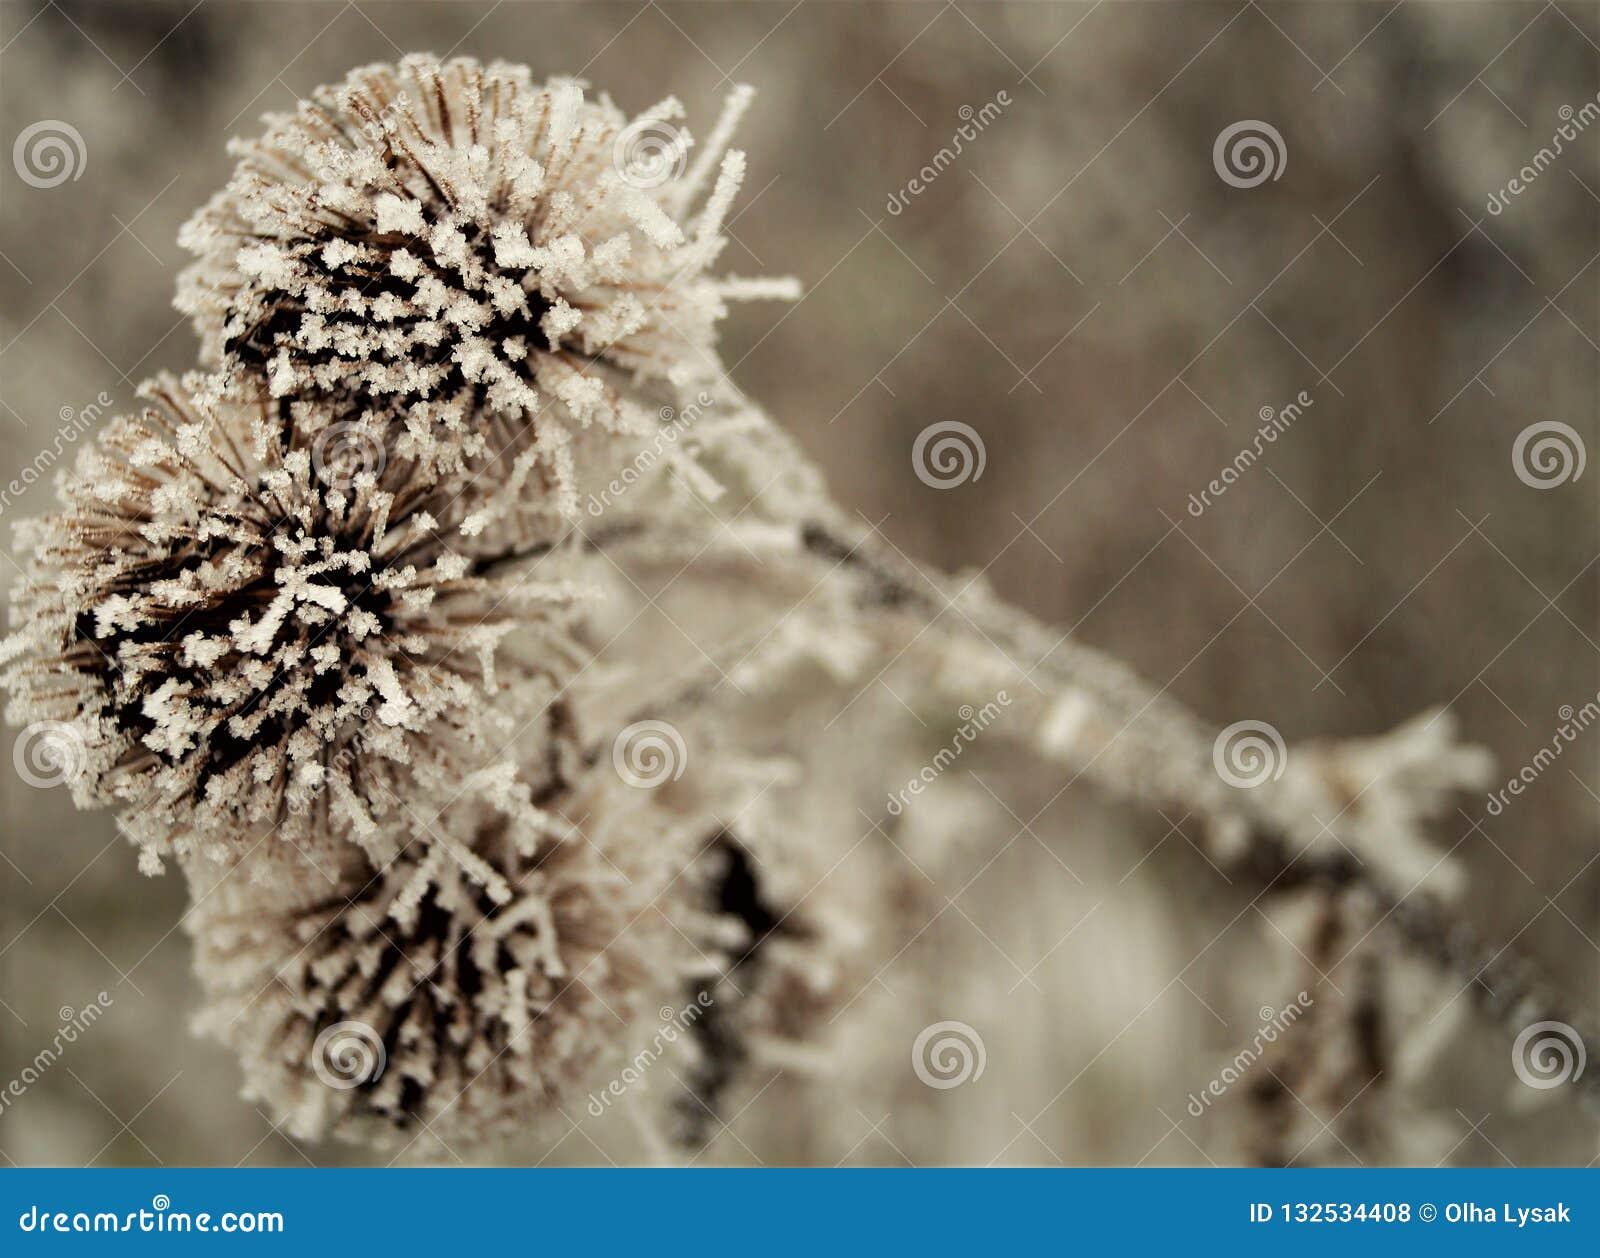 Szczegóły przyjazd zima kwiaty są osetem